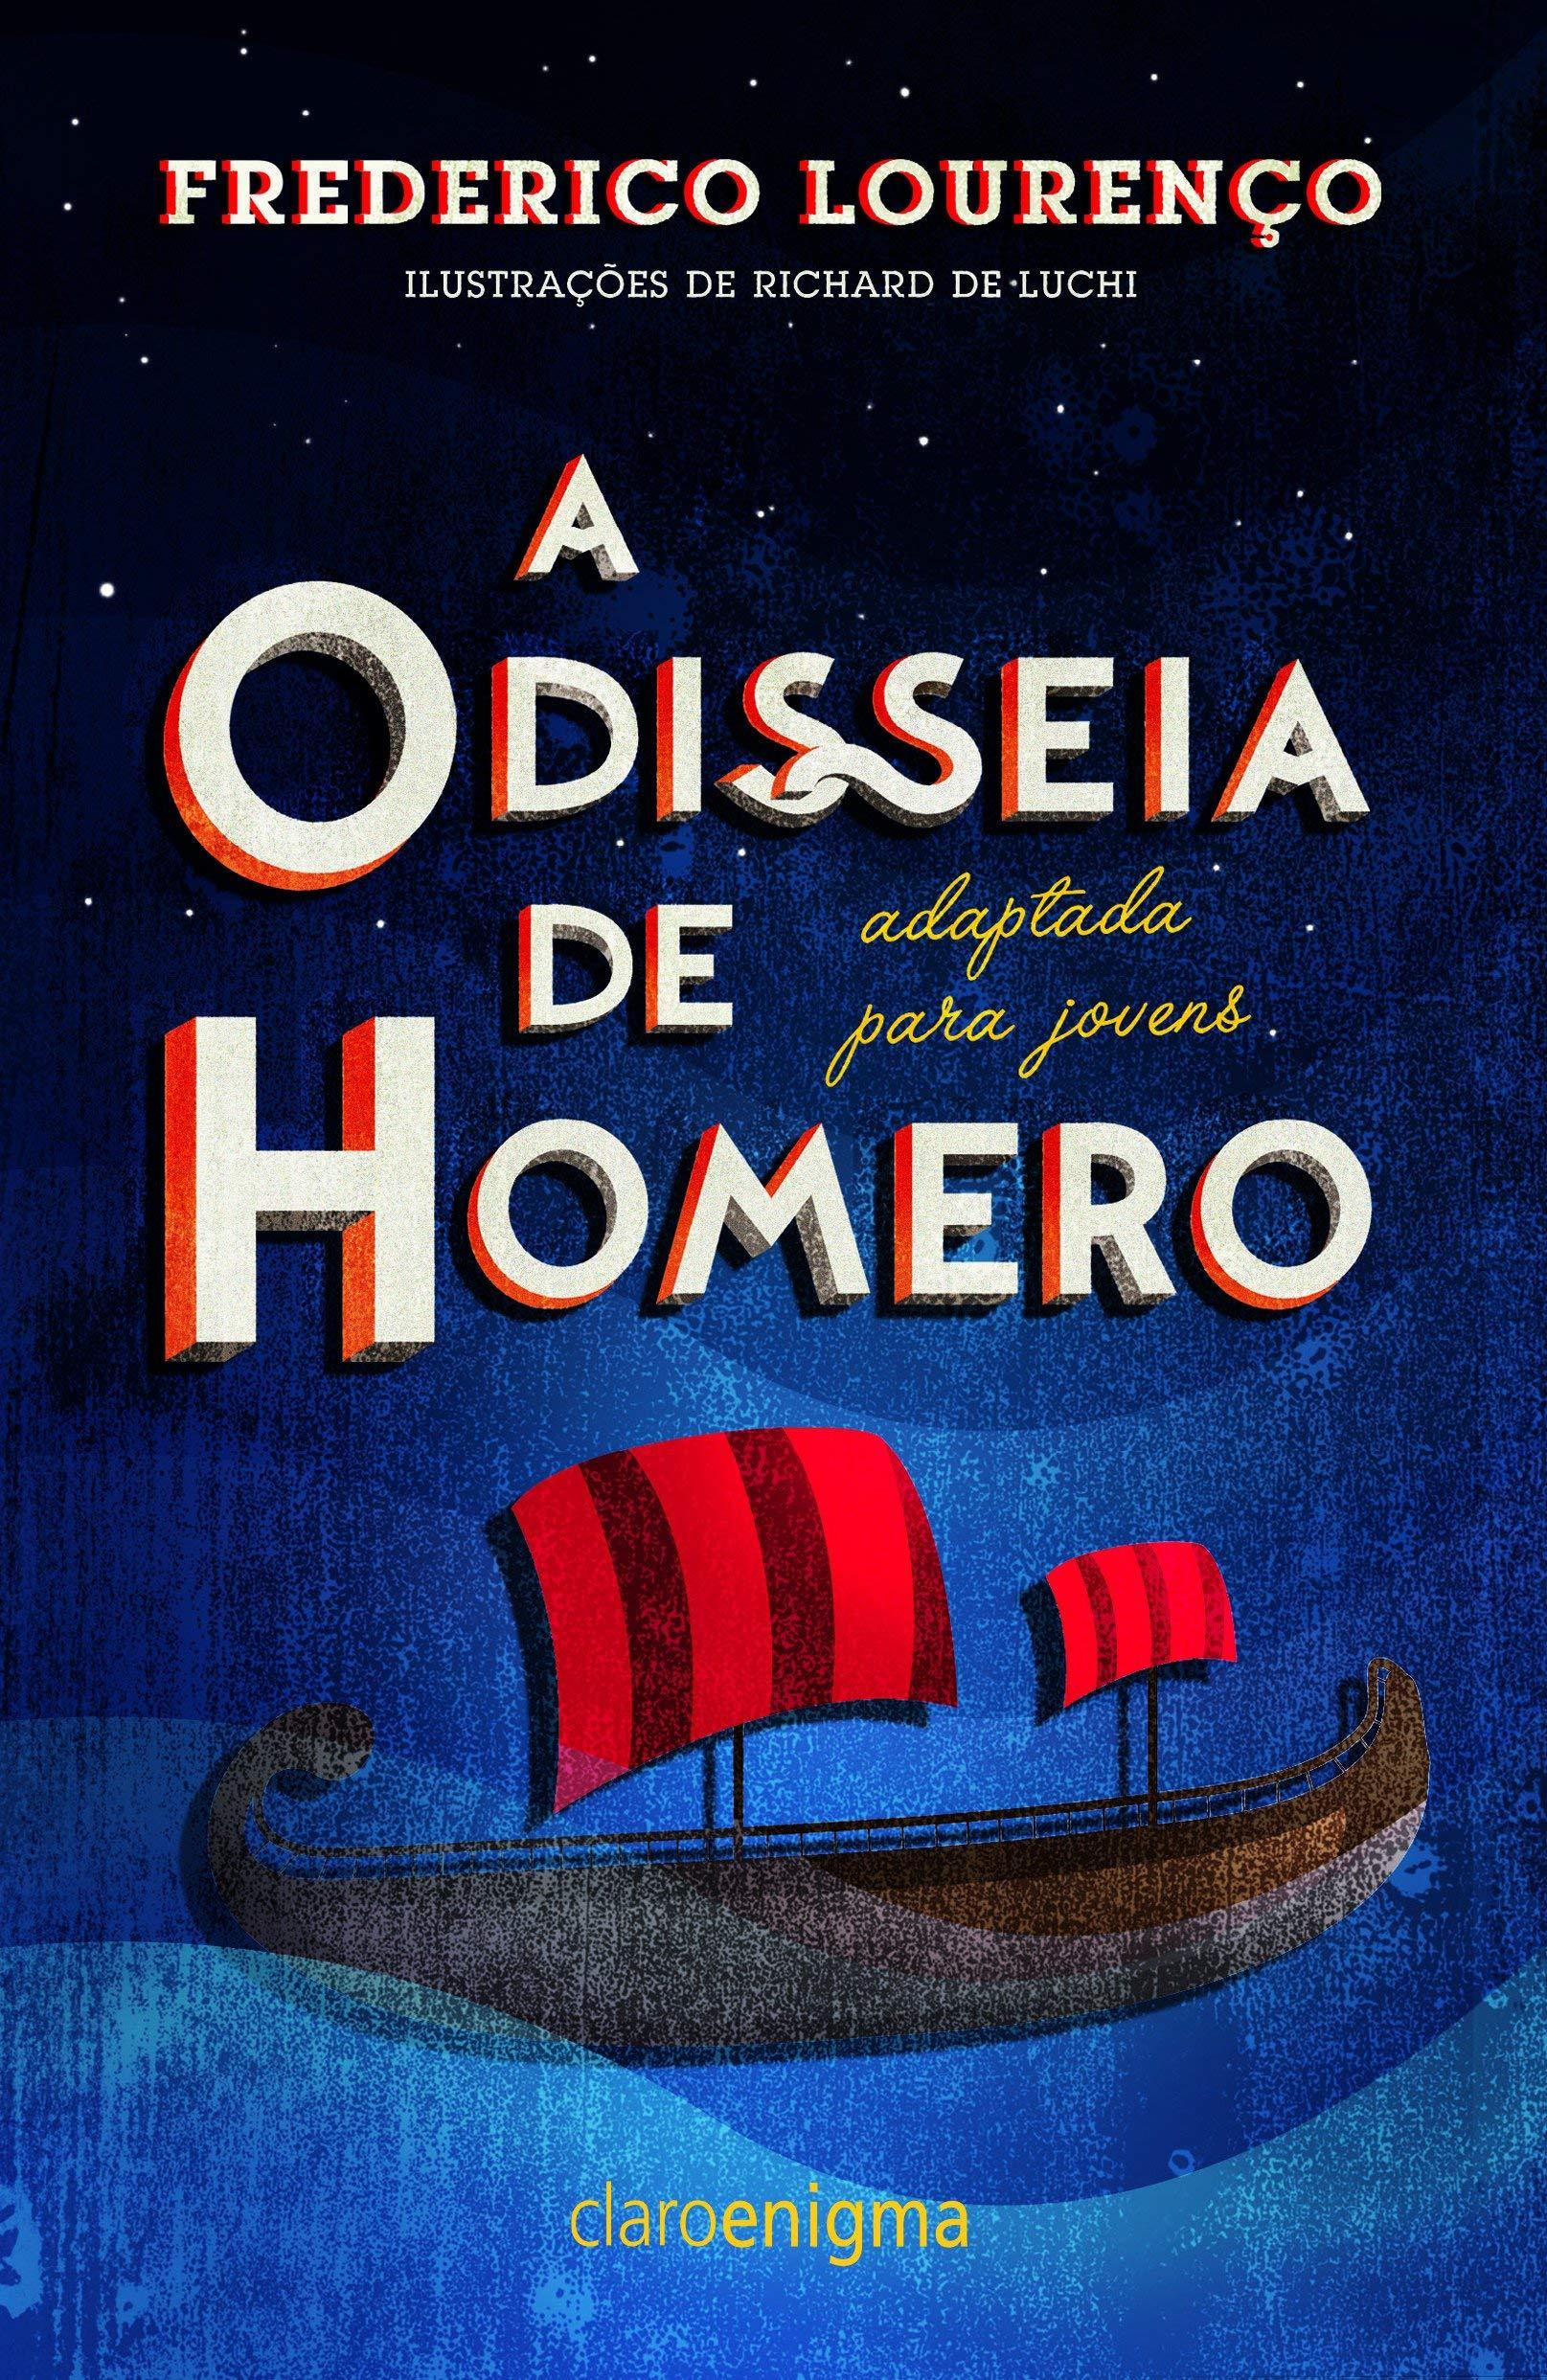 BAIXAR DE FILME ODISSEIA ULISSES